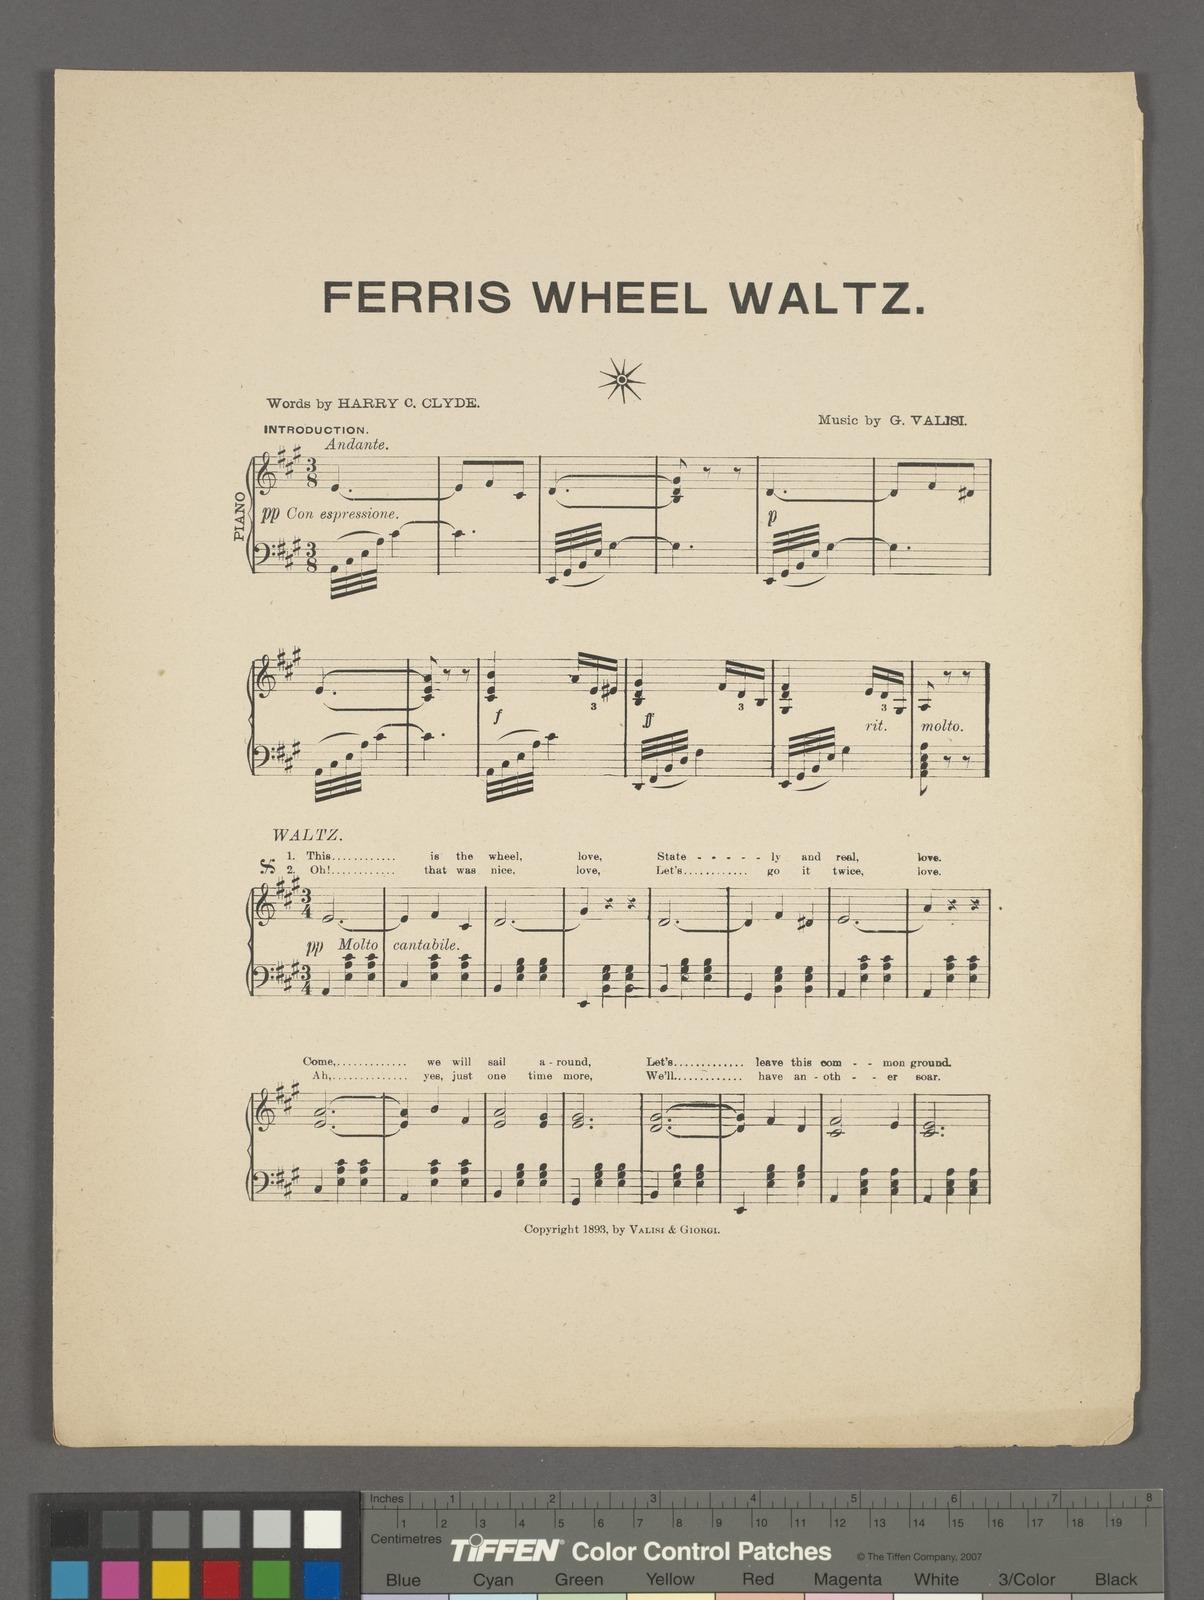 The ferris wheel souvenir